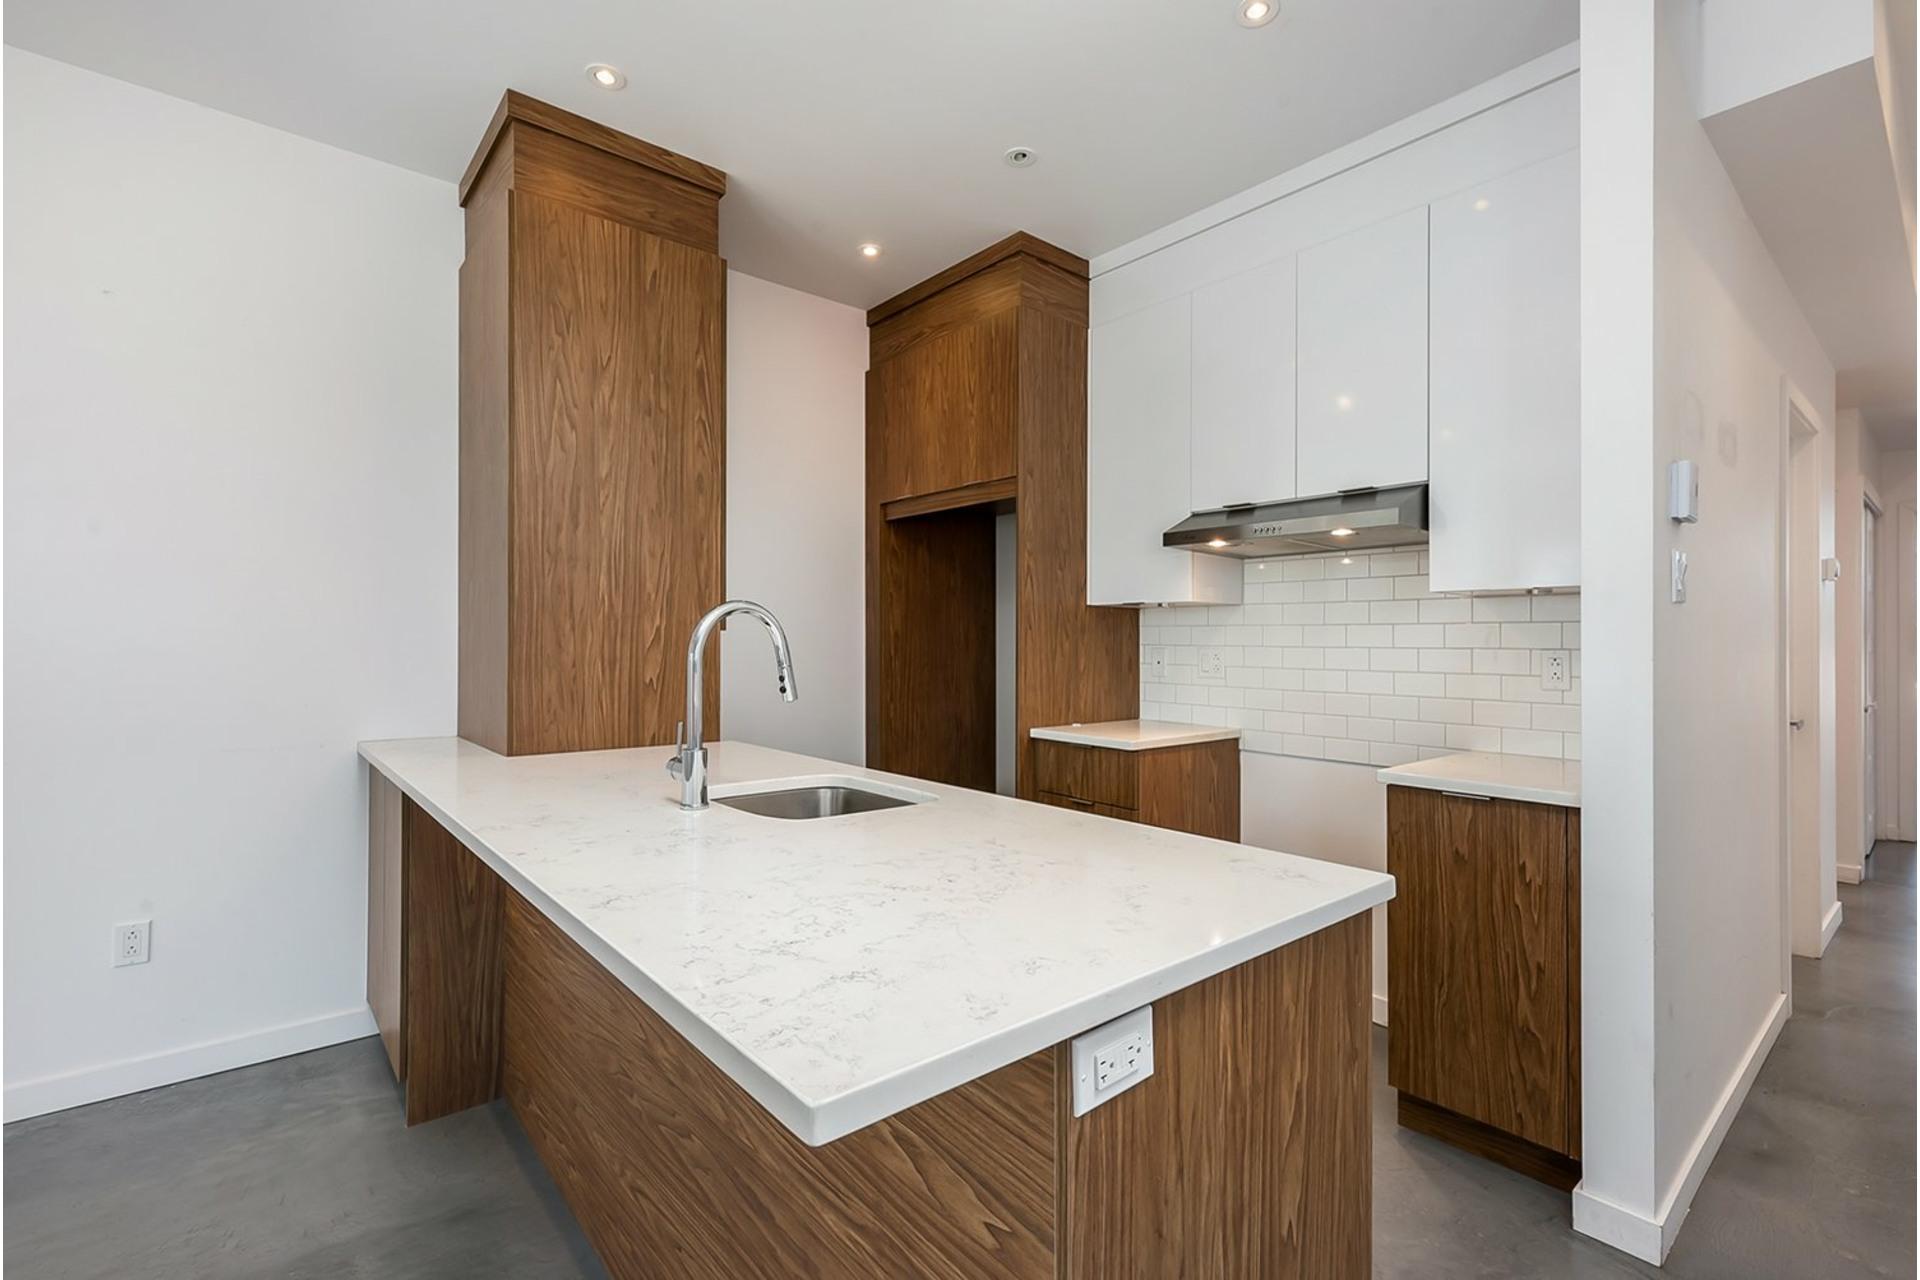 image 5 - Triplex For sale Mercier/Hochelaga-Maisonneuve Montréal  - 4 rooms